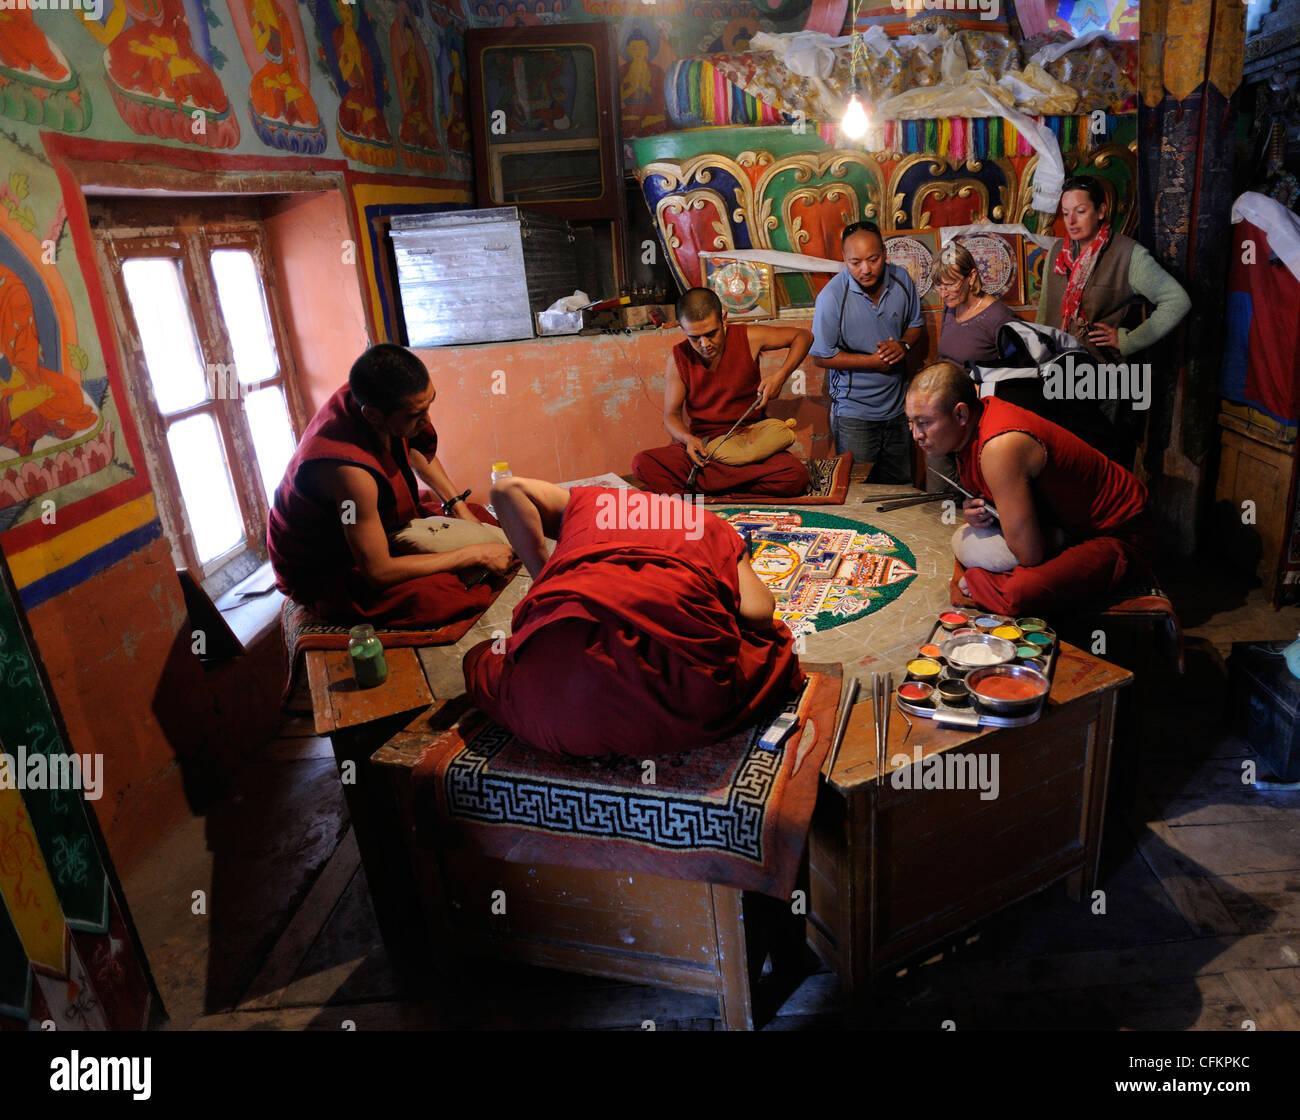 Tourists watch buddhist monks preparing a mandala using powdered pigments. - Stock Image